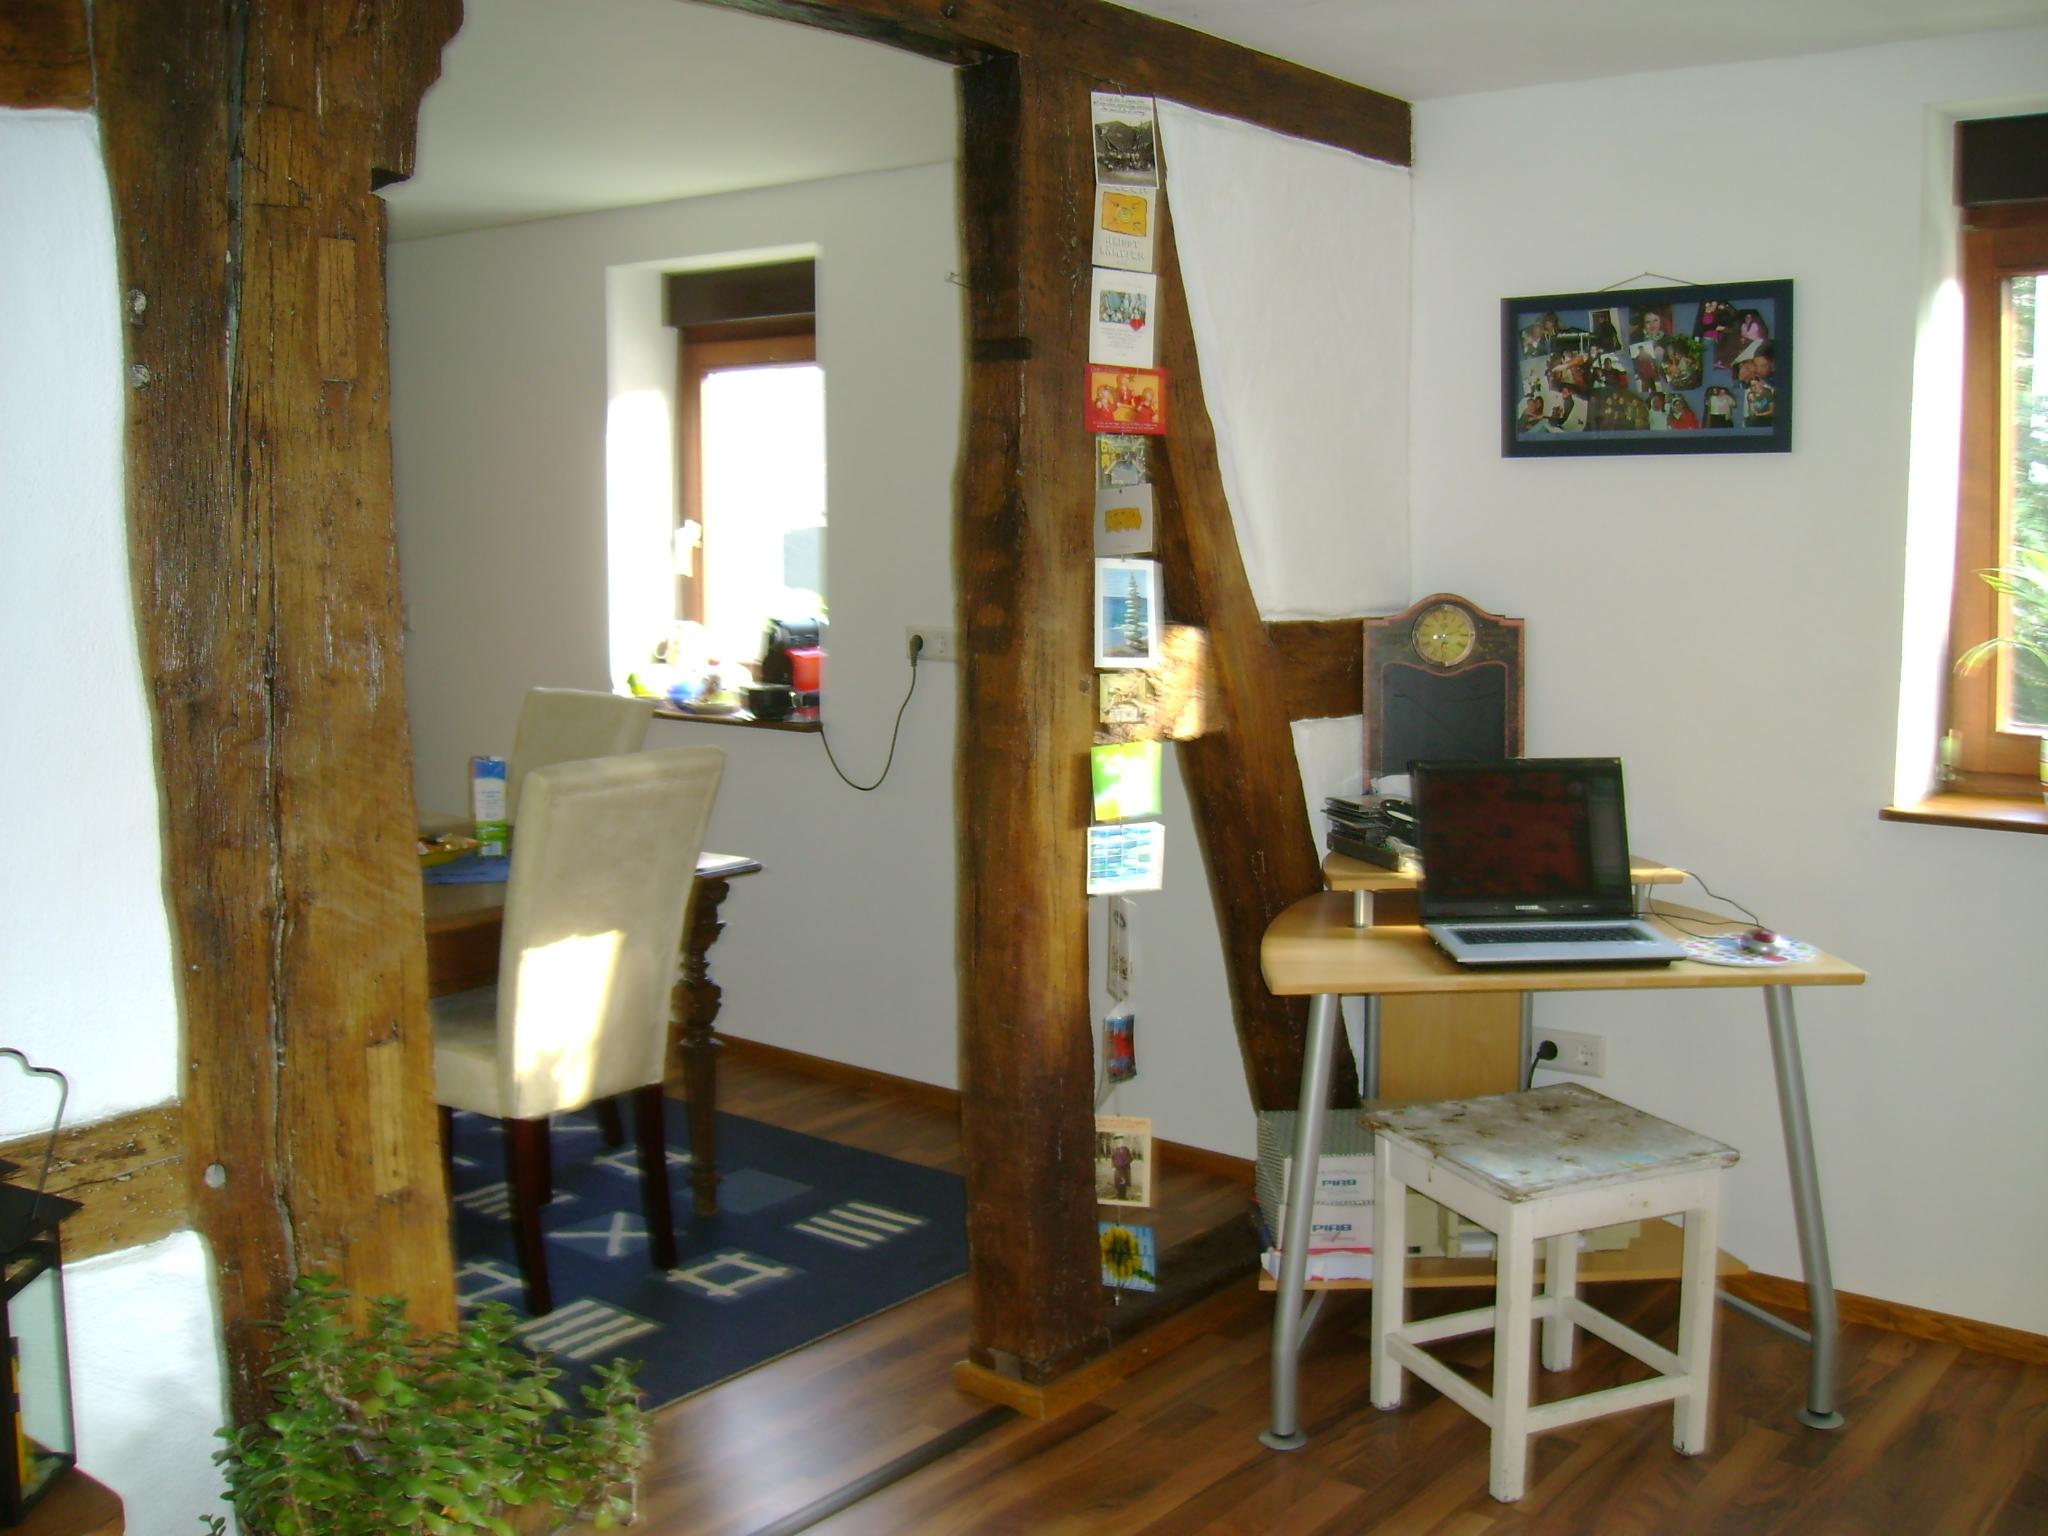 Holzbau peter komplette wohnung for Fachwerkwand innen